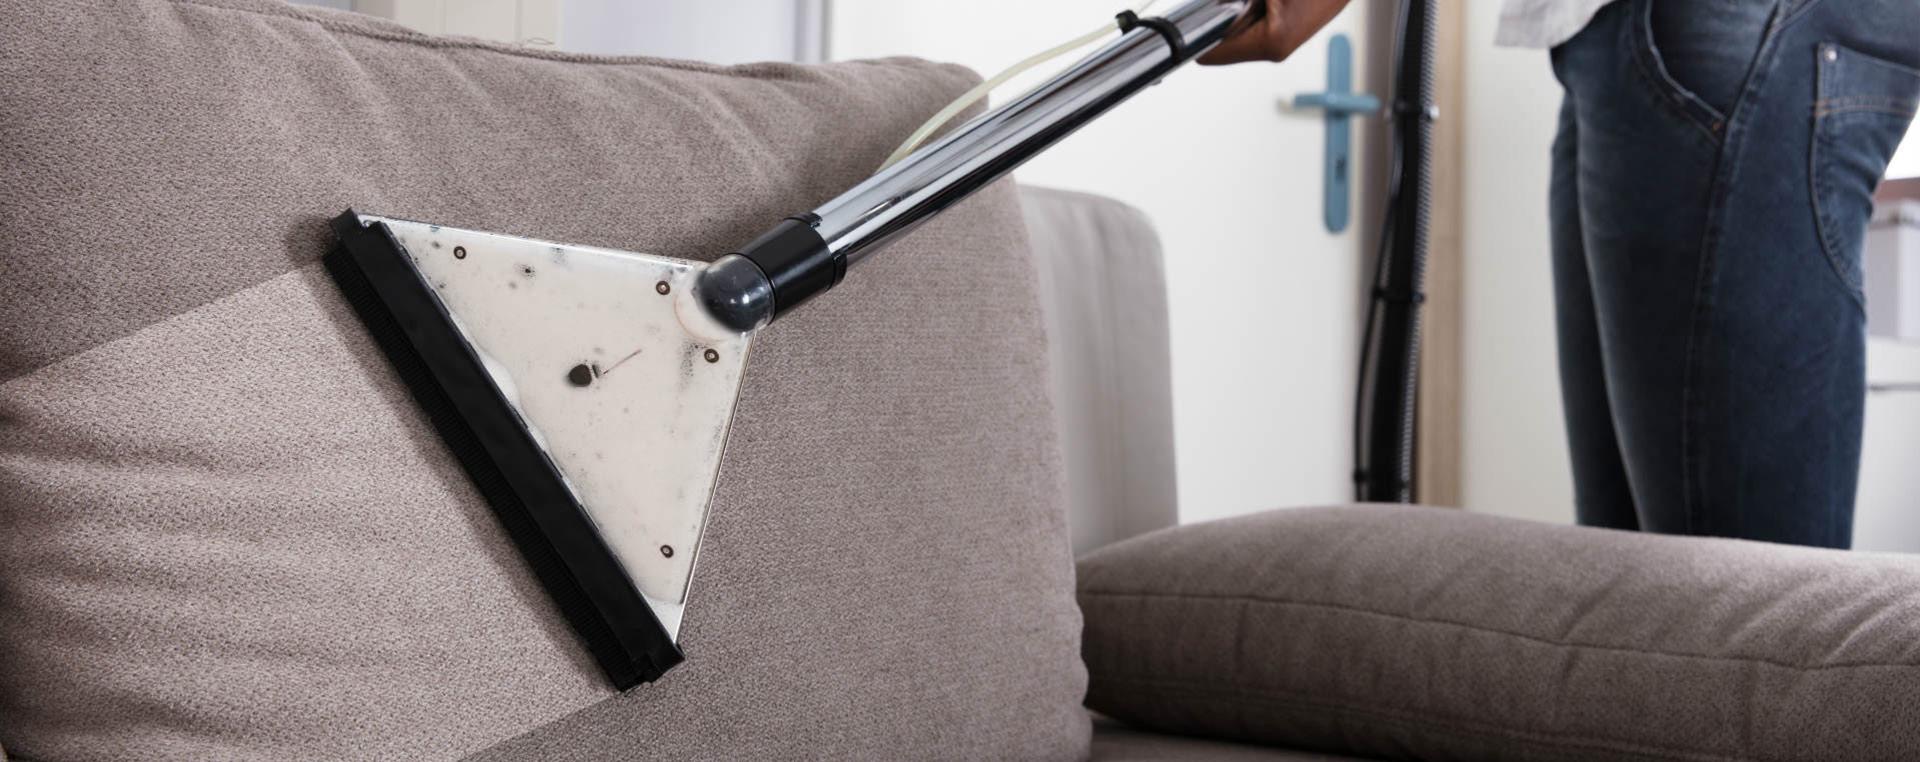 Nettoyage de tapis, meubles et planchers